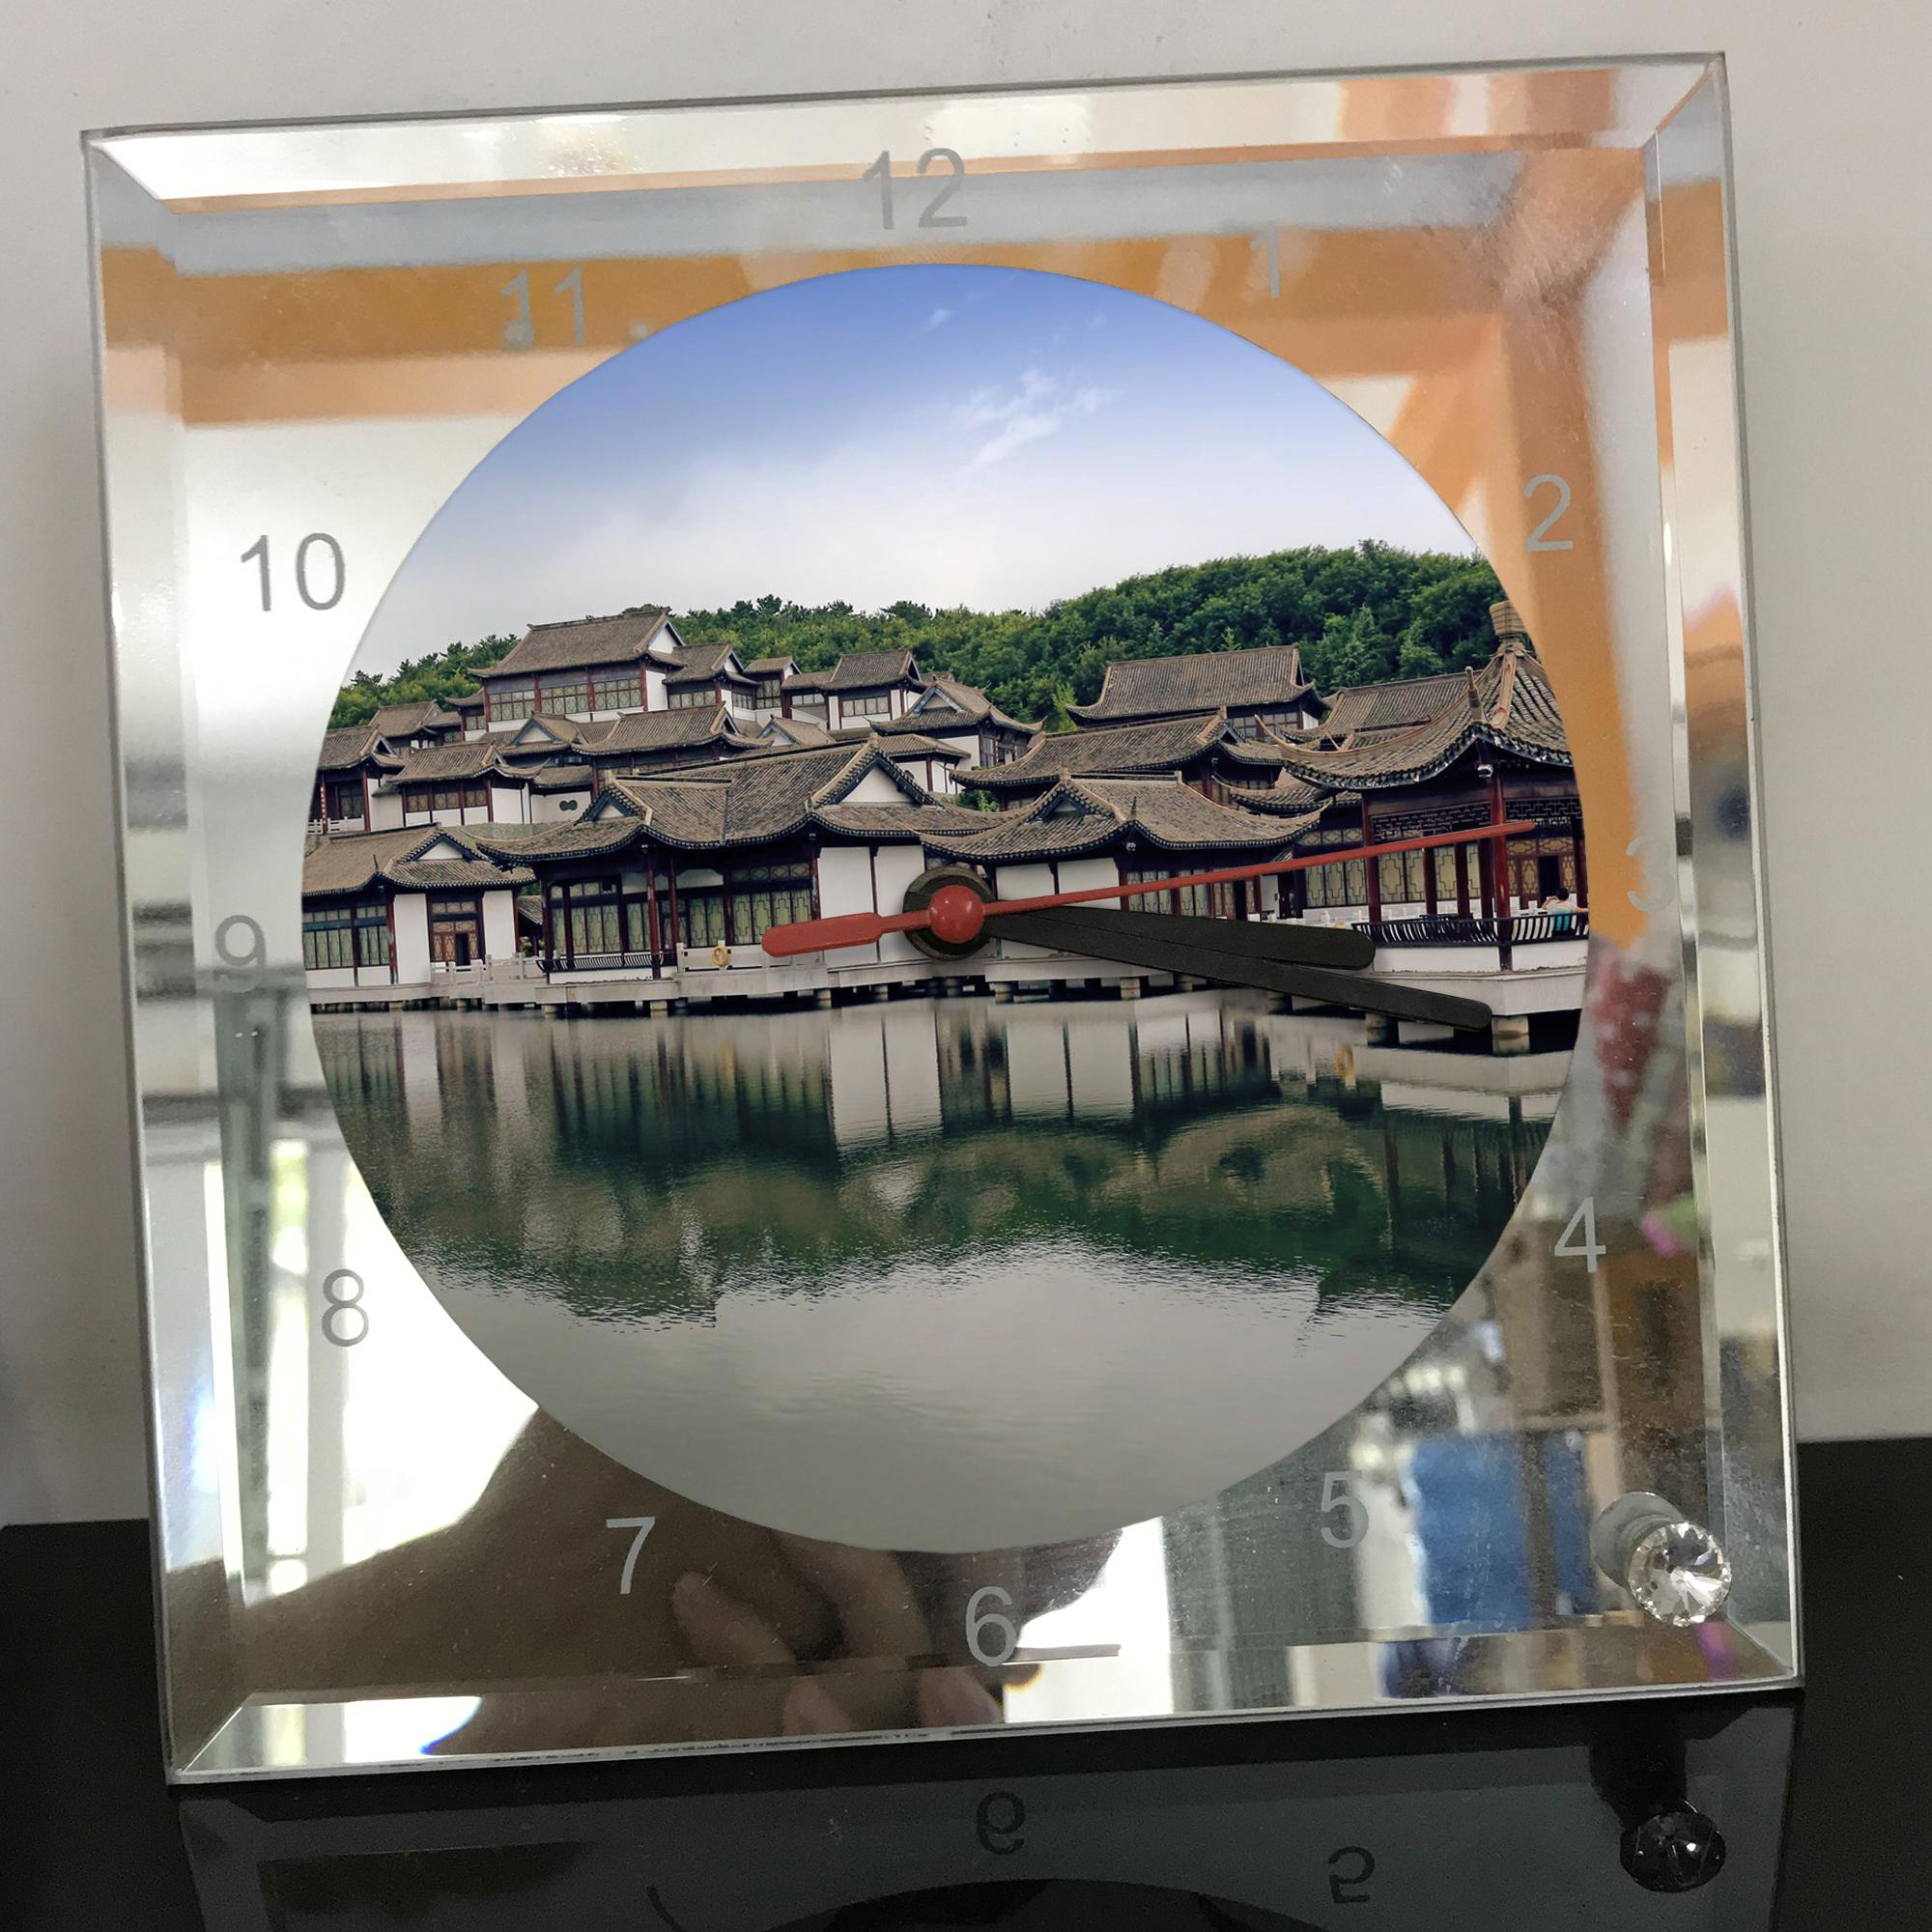 Đồng hồ thủy tinh vuông 20x20 in hình Temple - đền thờ (41) . Đồng hồ thủy tinh để bàn trang trí đẹp chủ đề tôn giáo